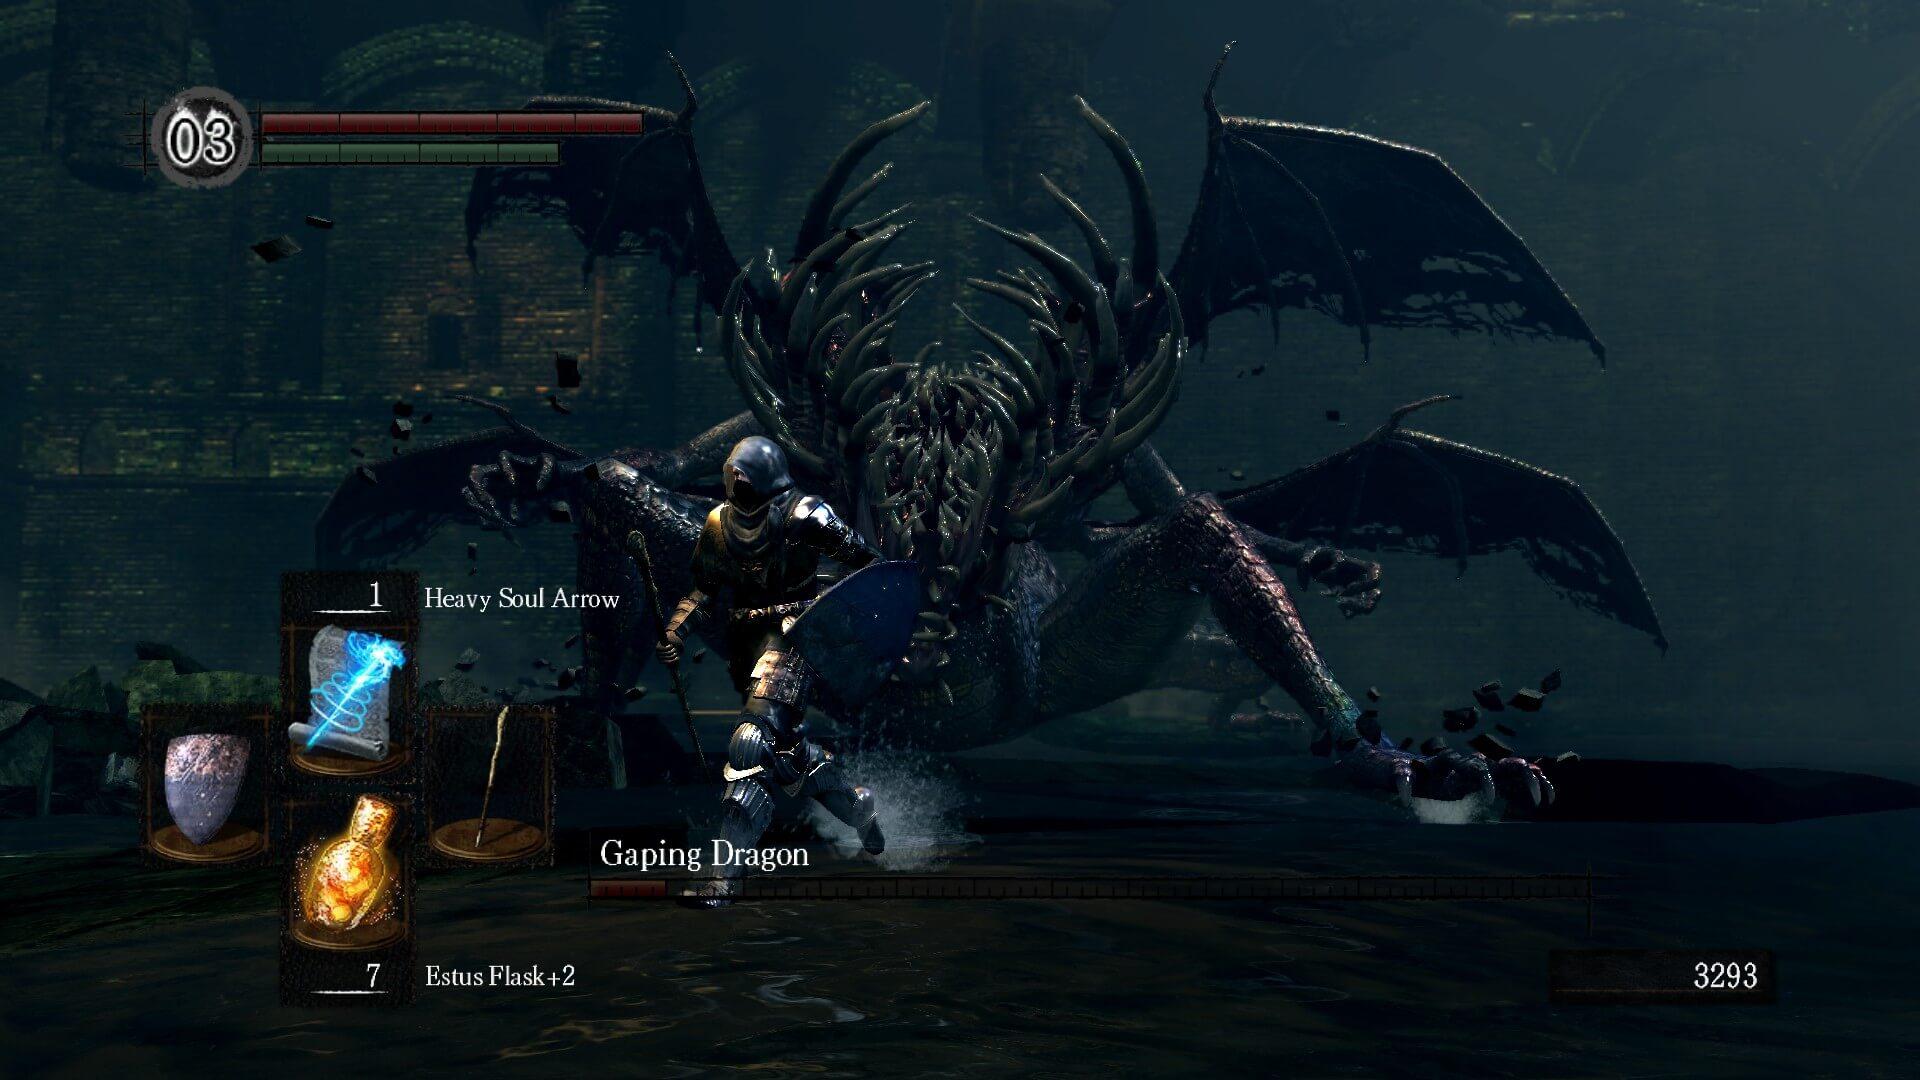 descargar-Dark-Souls-para-PC-gratis-3